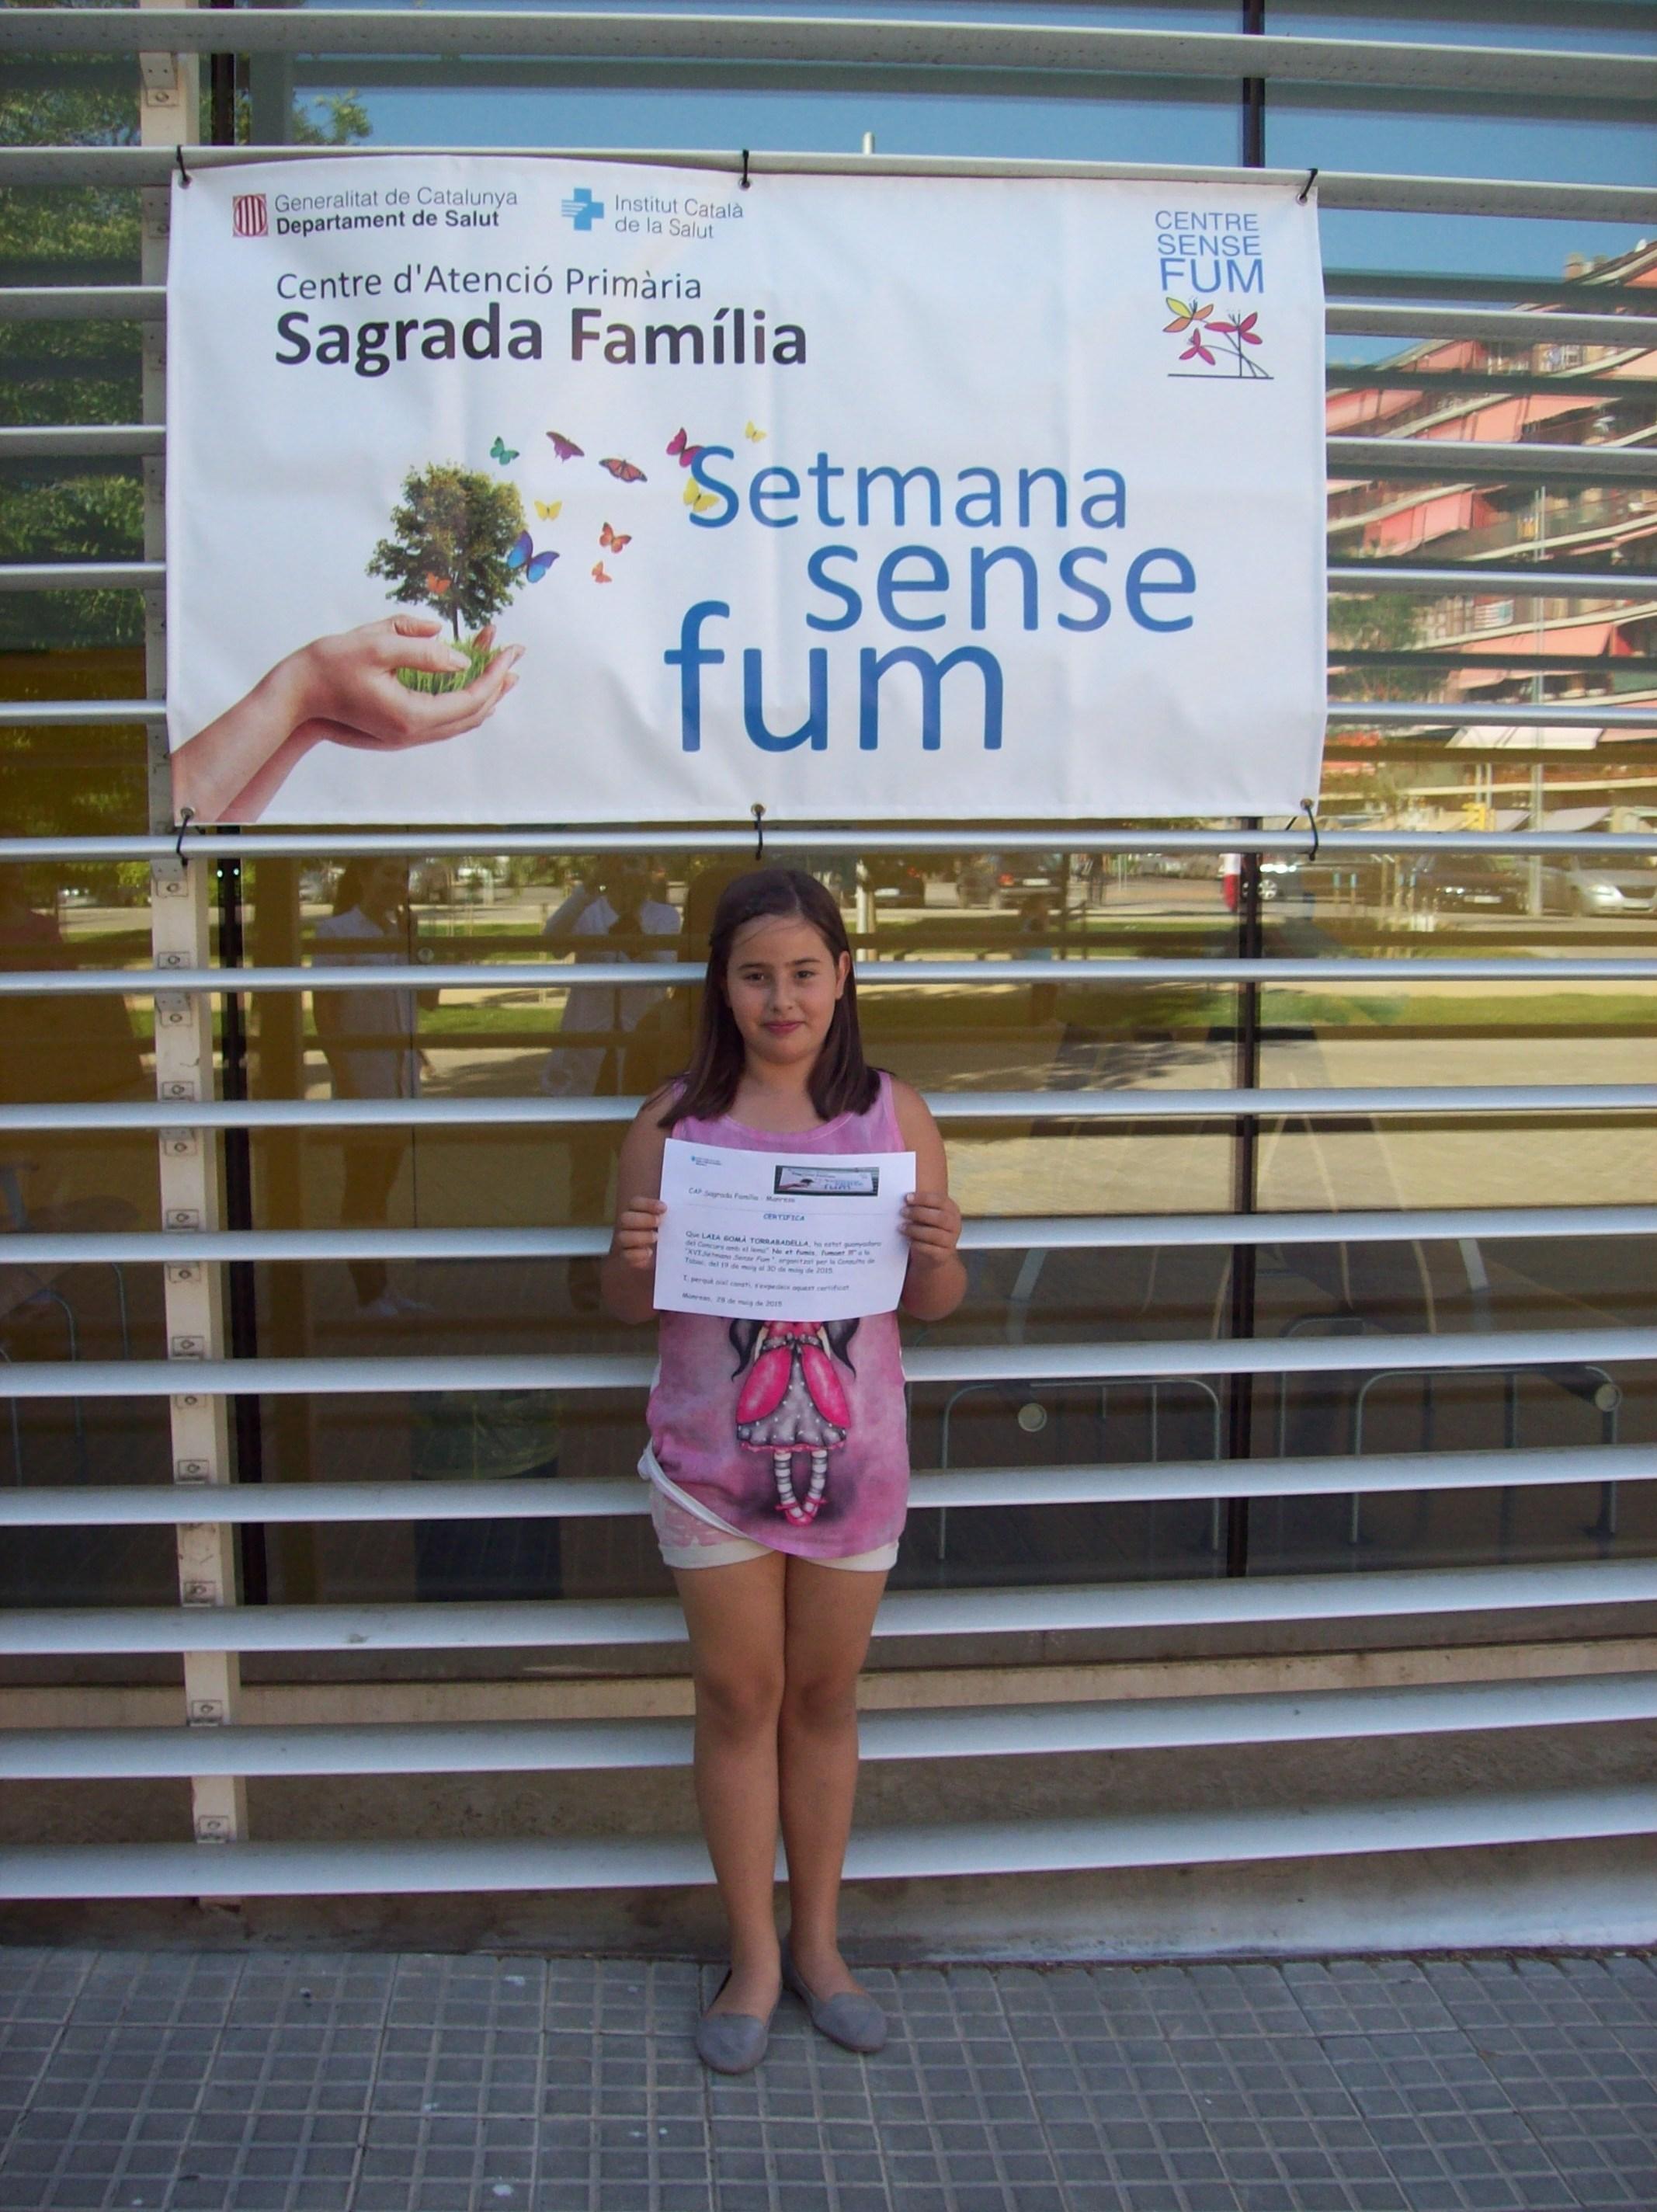 SSF 2015 ABS Manresa Sgda Familia2.JPG